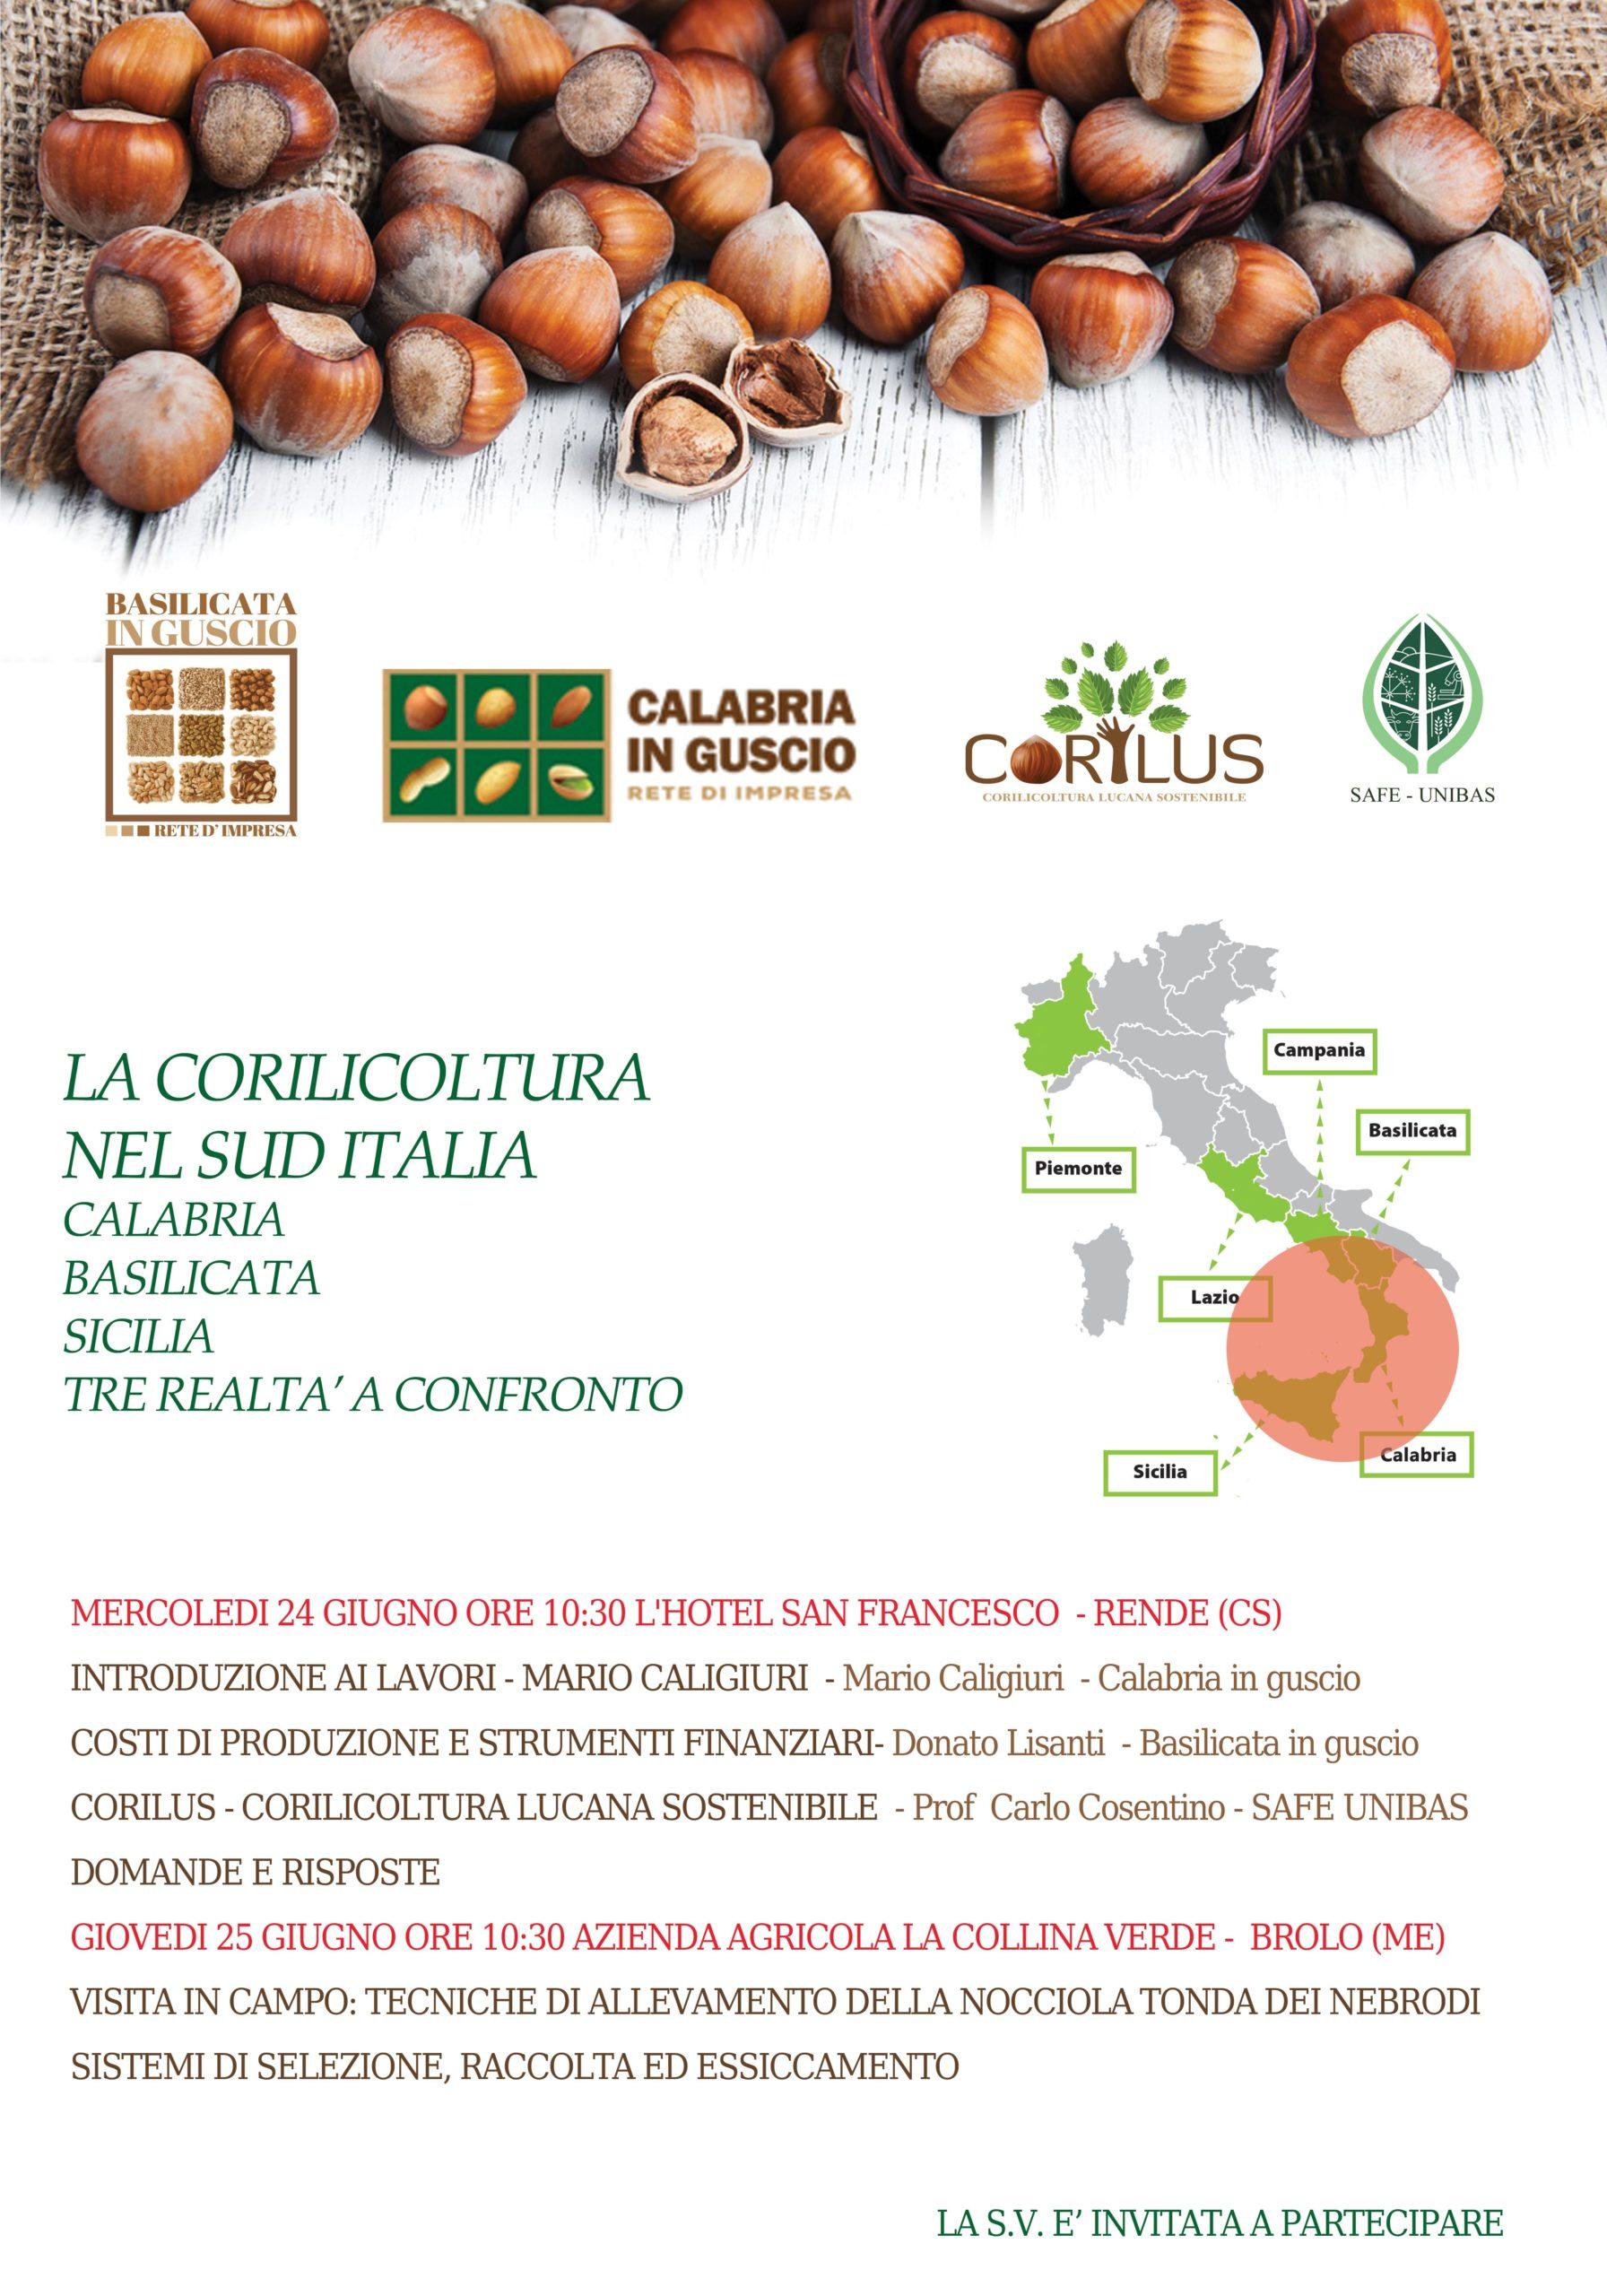 La Corilicoltura nel Sud Italia: Calabria, Basilicata e Sicilia tre realtà a confronto